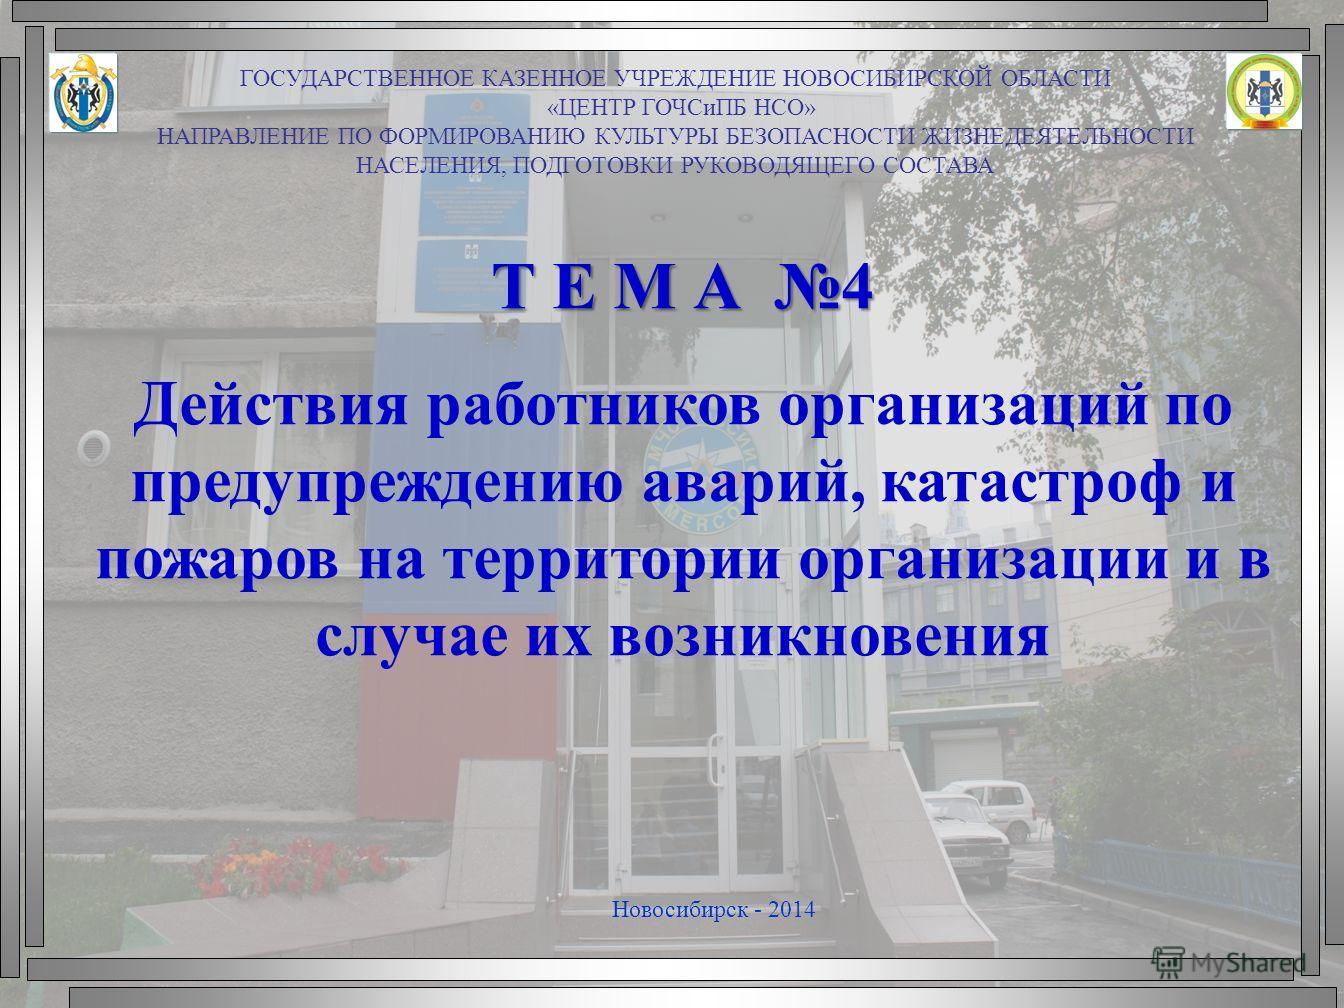 Т Е М А 4 Действия работников организаций по предупреждению аварий, катастроф и пожаров на территории организации и в случае их возникновения Новосибирск - 2014 ГОСУДАРСТВЕННОЕ КАЗЕННОЕ УЧРЕЖДЕНИЕ НОВОСИБИРСКОЙ ОБЛАСТИ «ЦЕНТР ГОЧСиПБ НСО» НАПРАВЛЕНИЕ